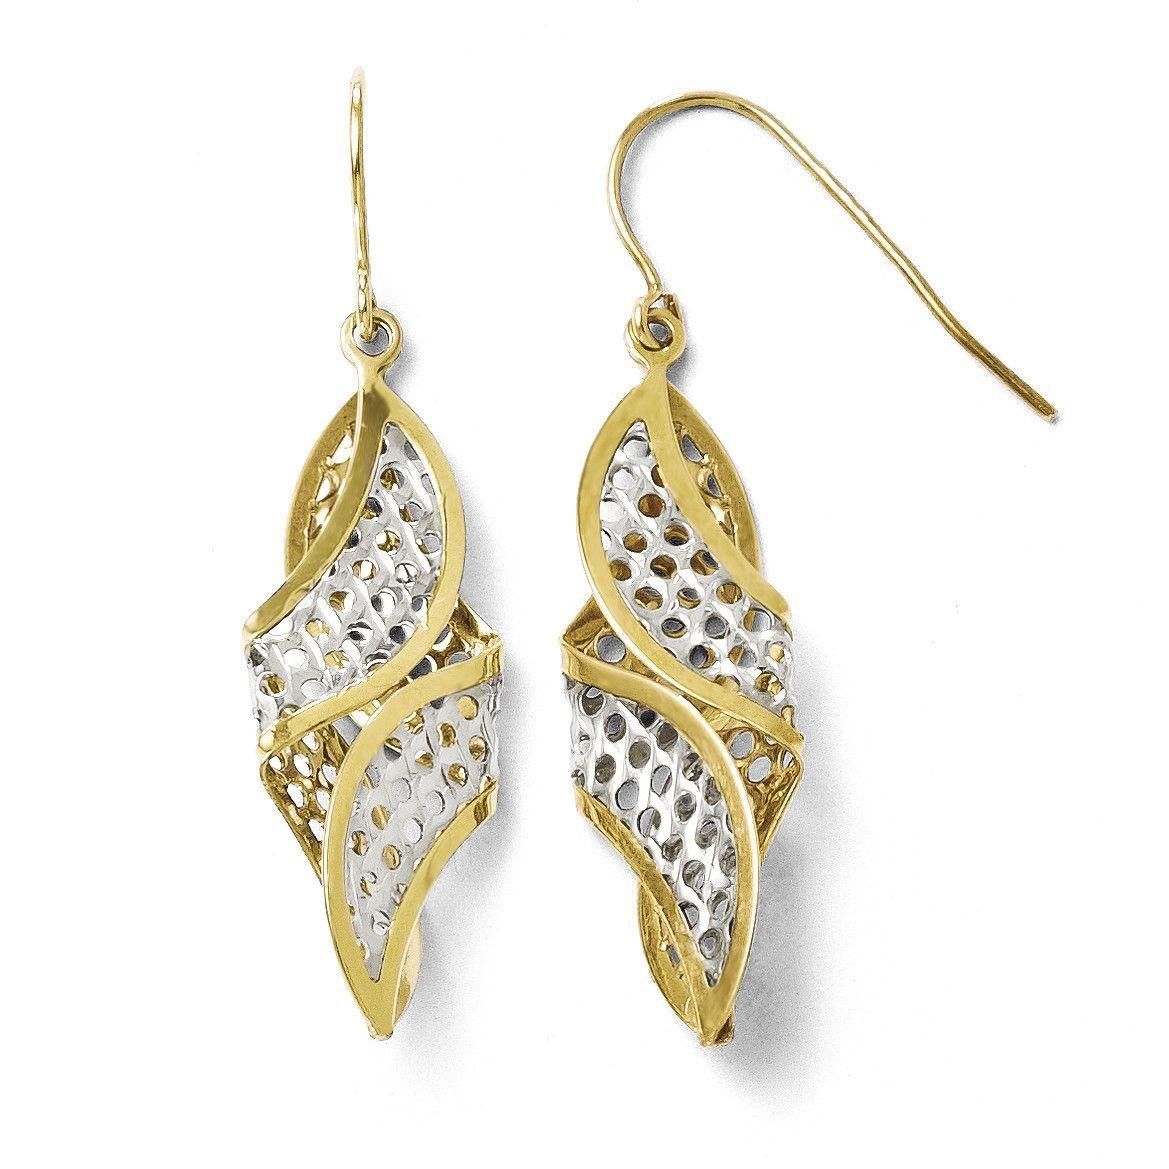 Leslies 10K w/ Rhodium Textured Shepherd Hook Dangle Earrings